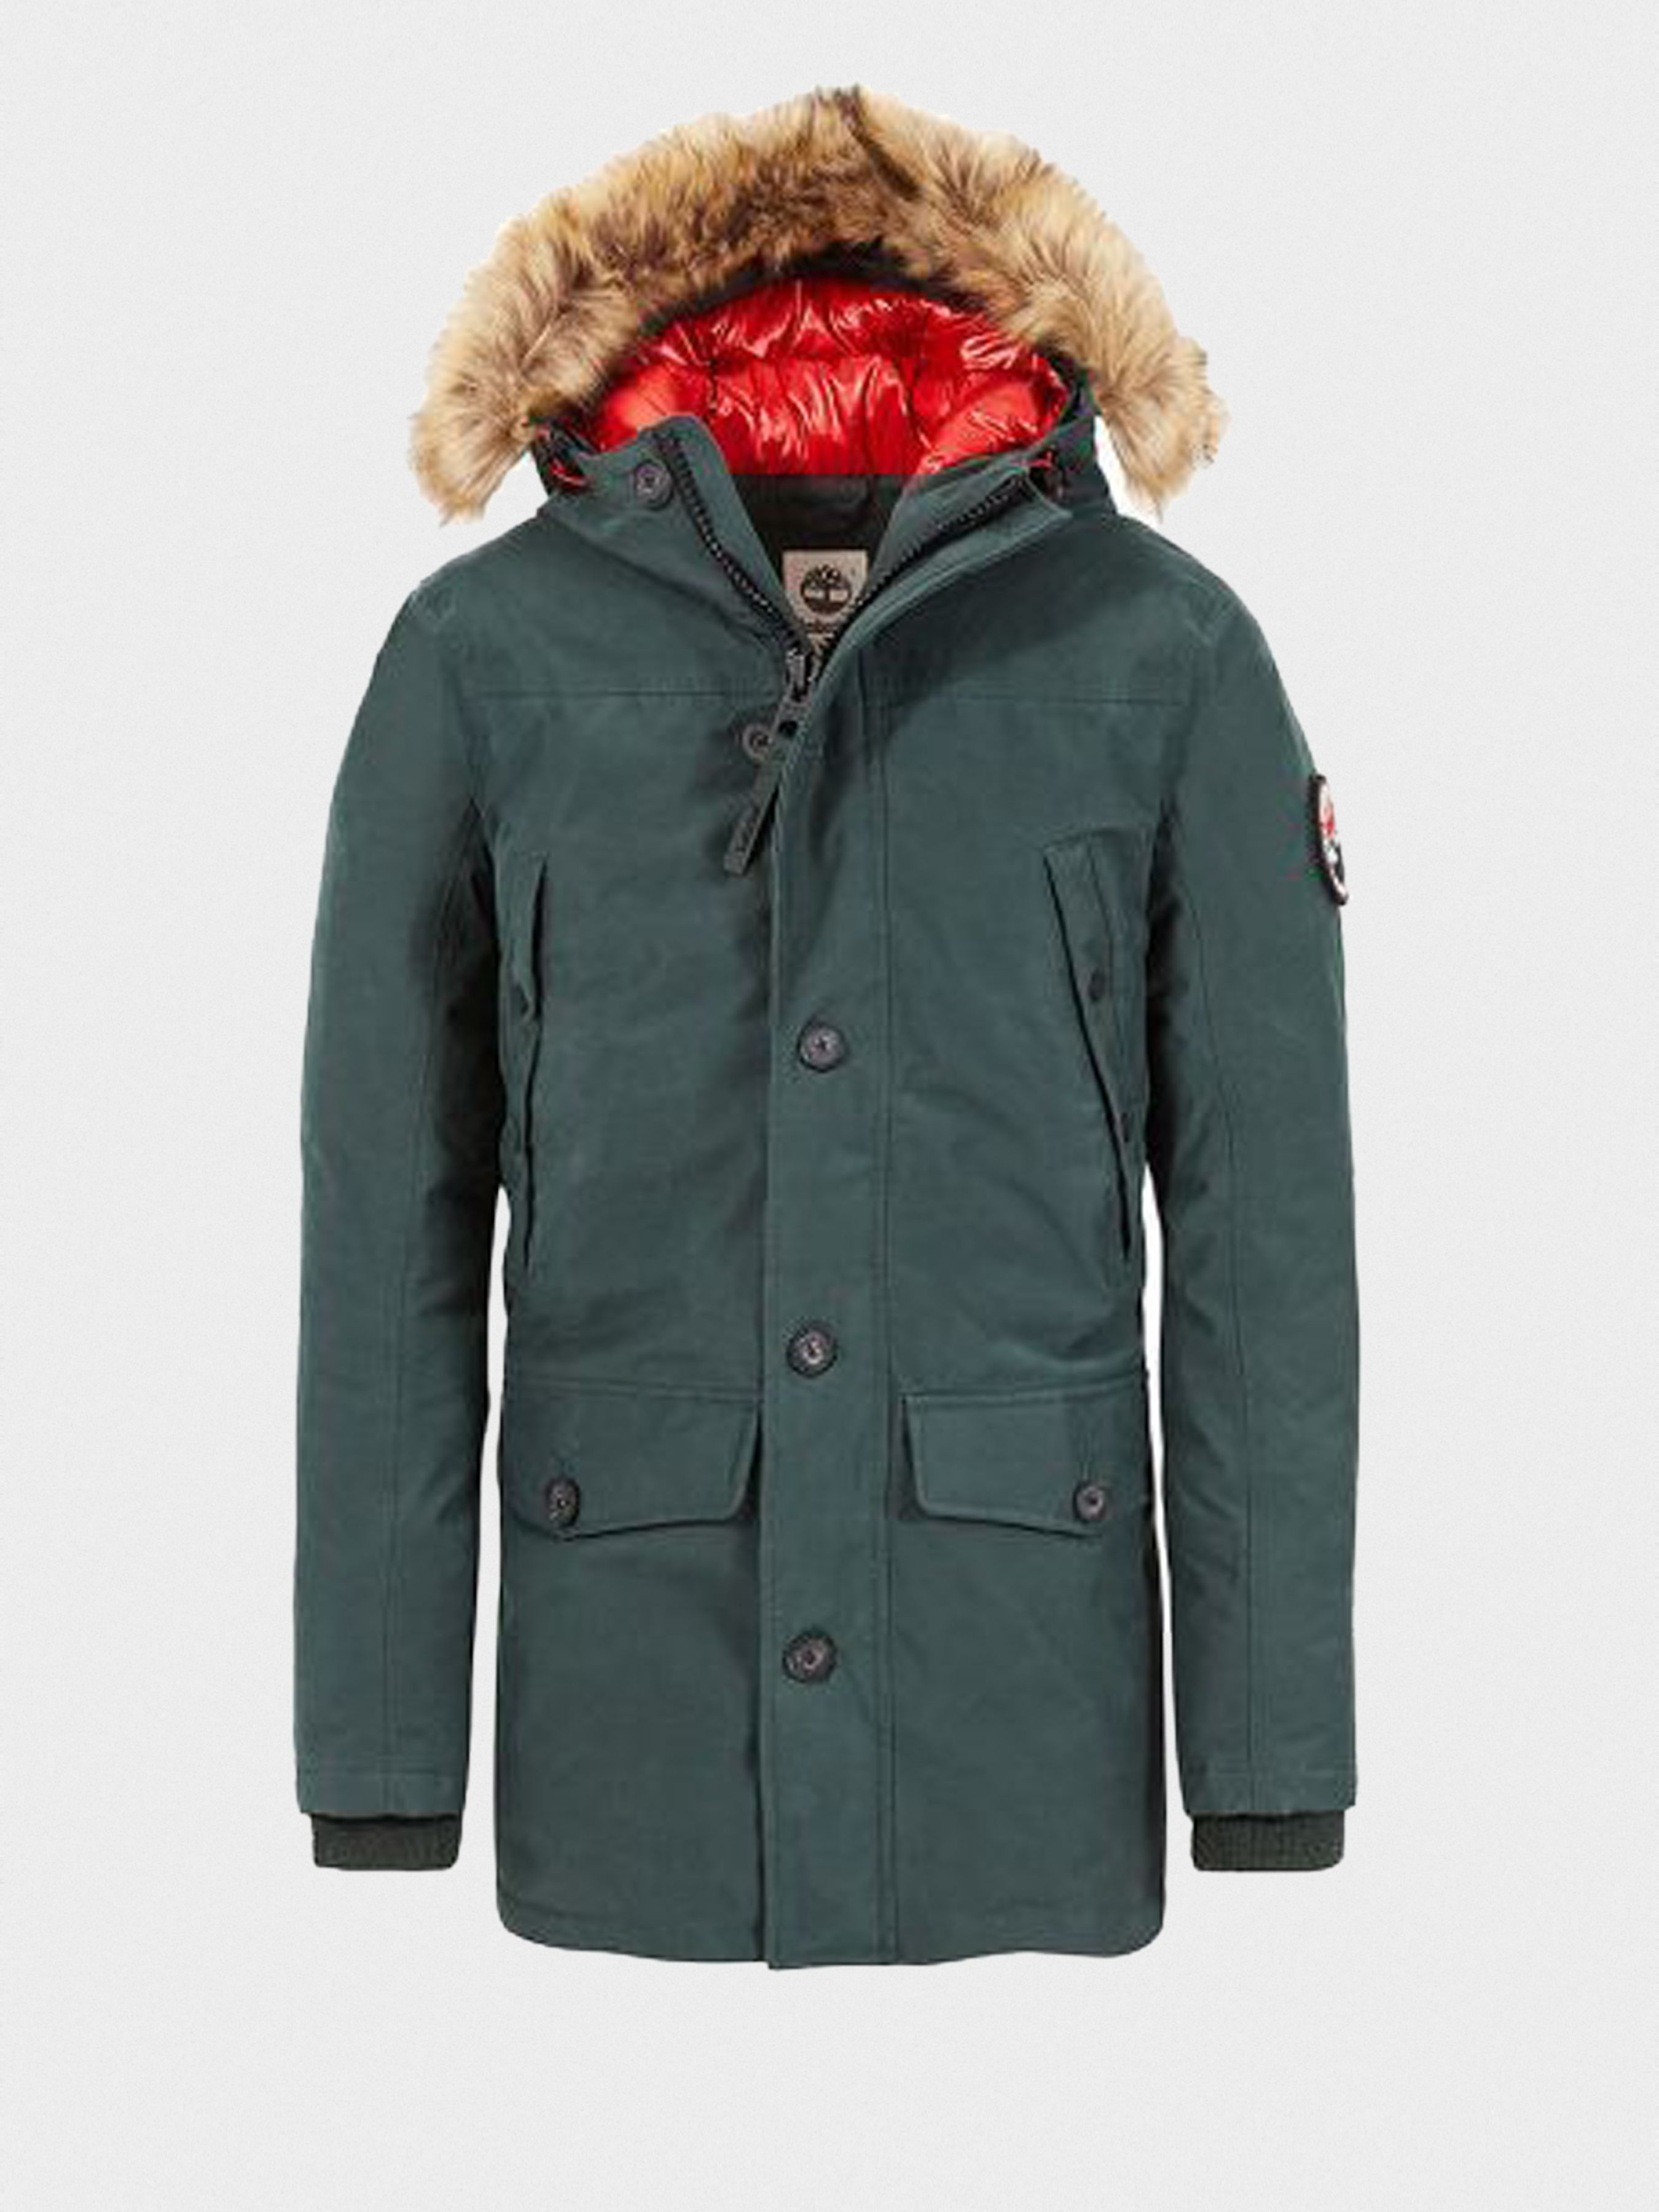 45e66c557ea7f Куртка пуховая мужская Timberland модель TH5470 - купить по лучшей ...